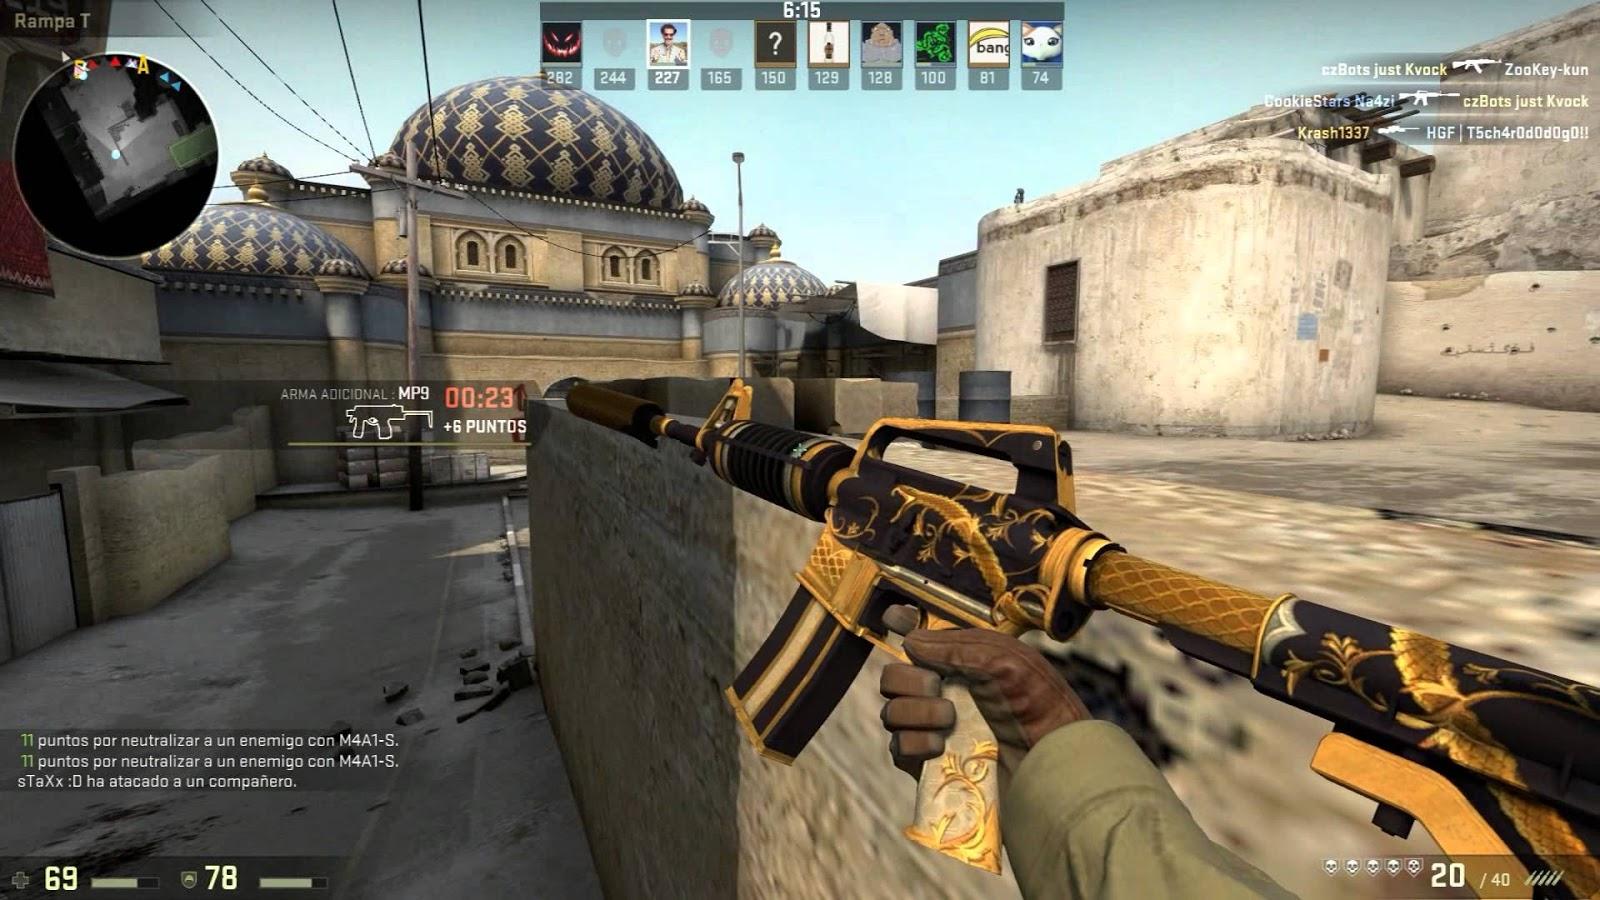 لعبة Counter Strike GO متاحة الآن بشكل مجاني و قانوني مع نمط Battle Royal